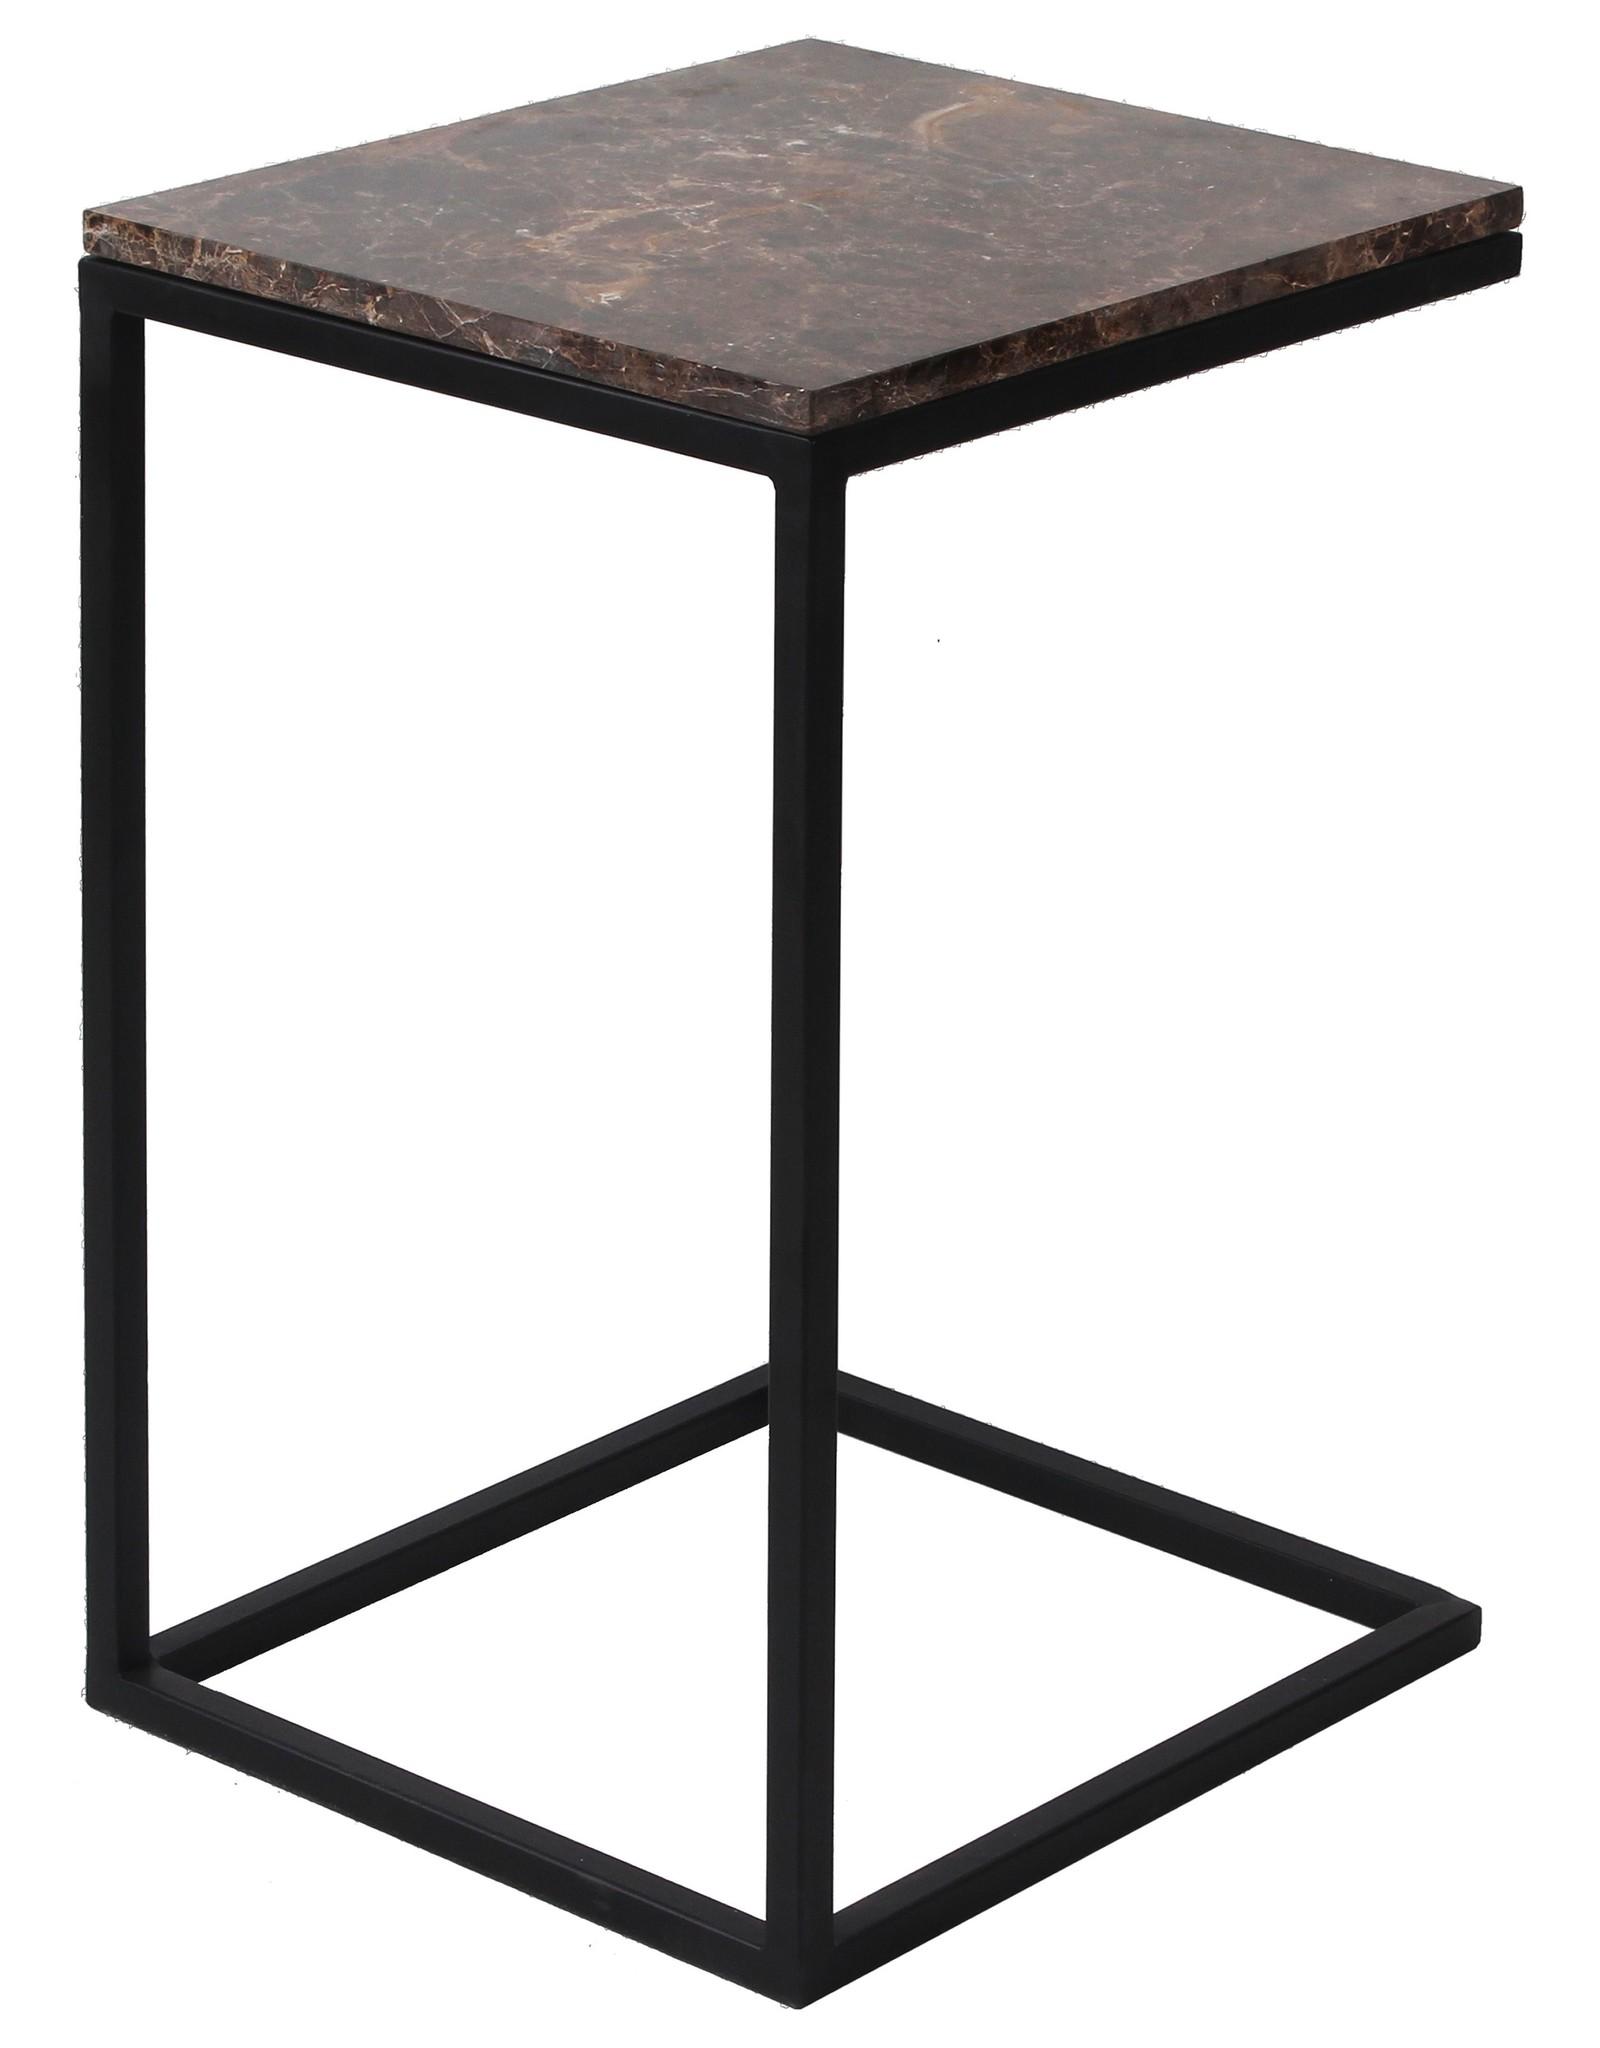 Richmond Interiors Sofa tafel Dalton brown emperador